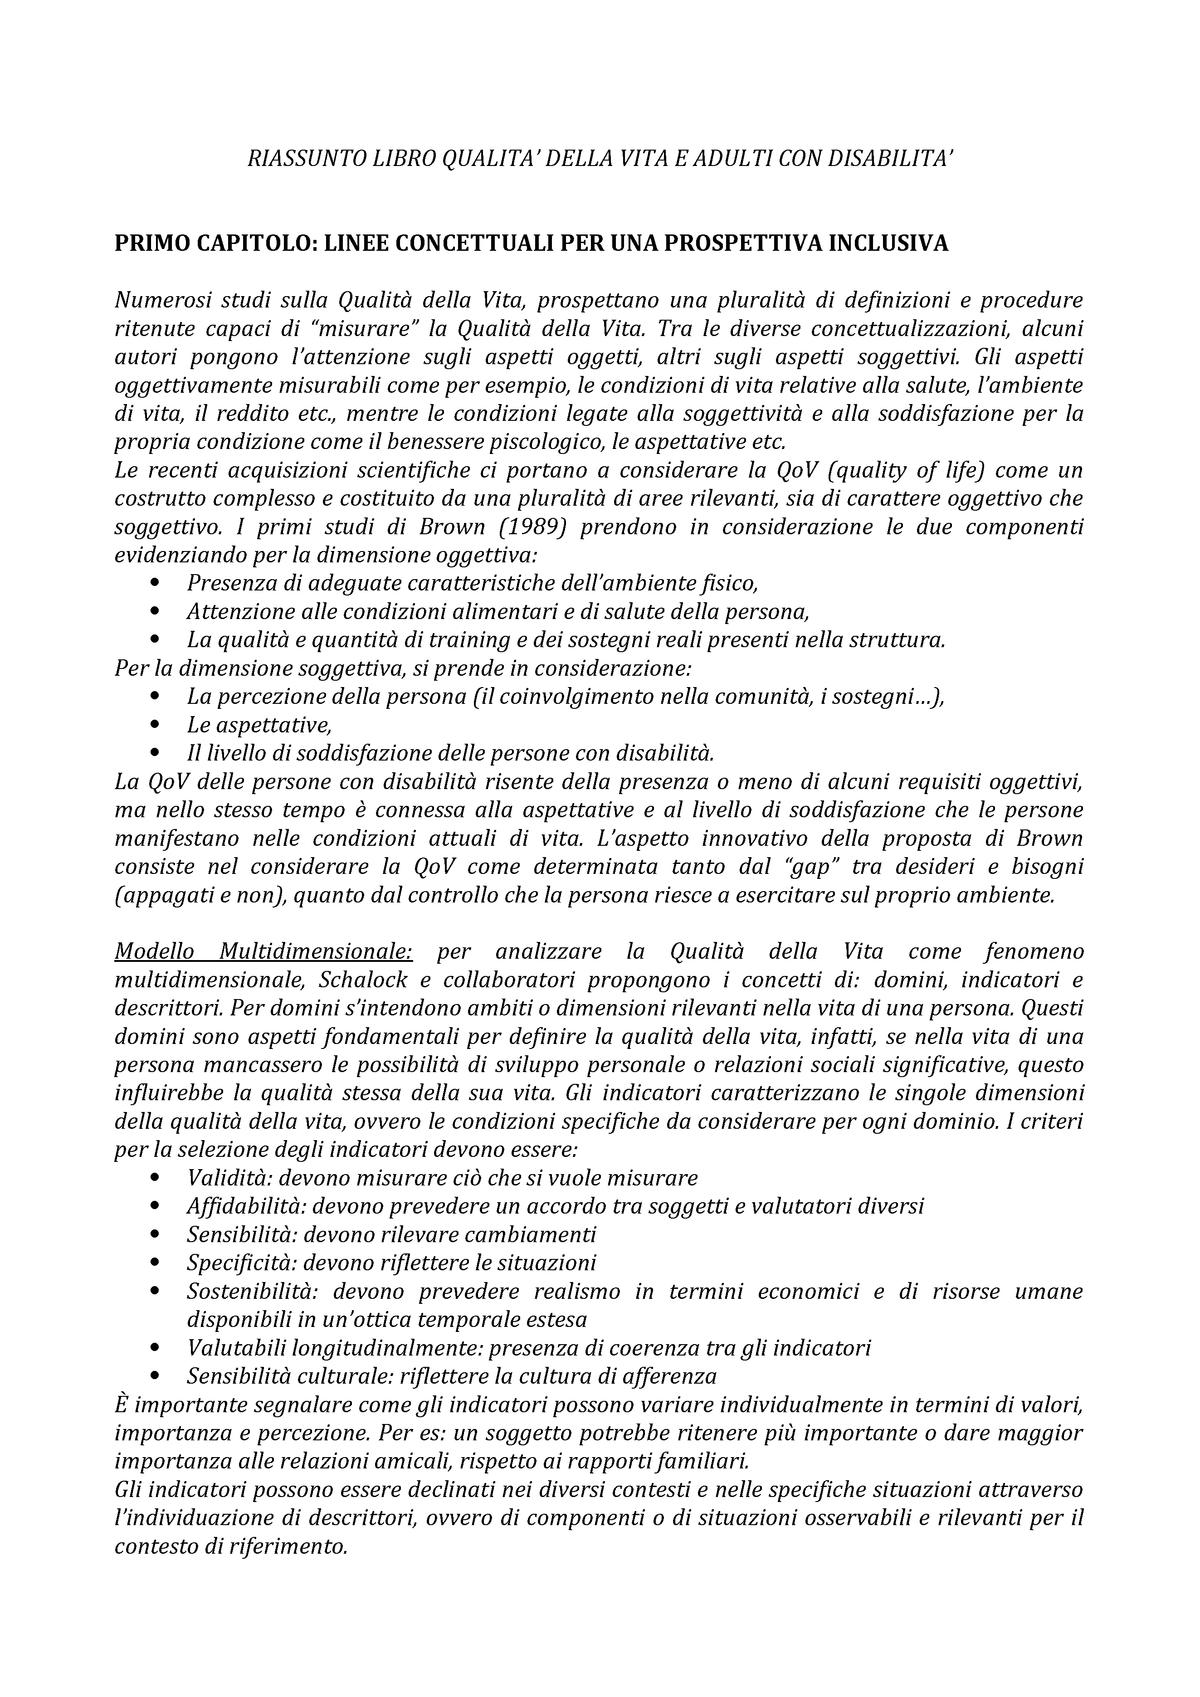 Riassunti Qualita Della Vita E Adulti Con Disabilita Studocu